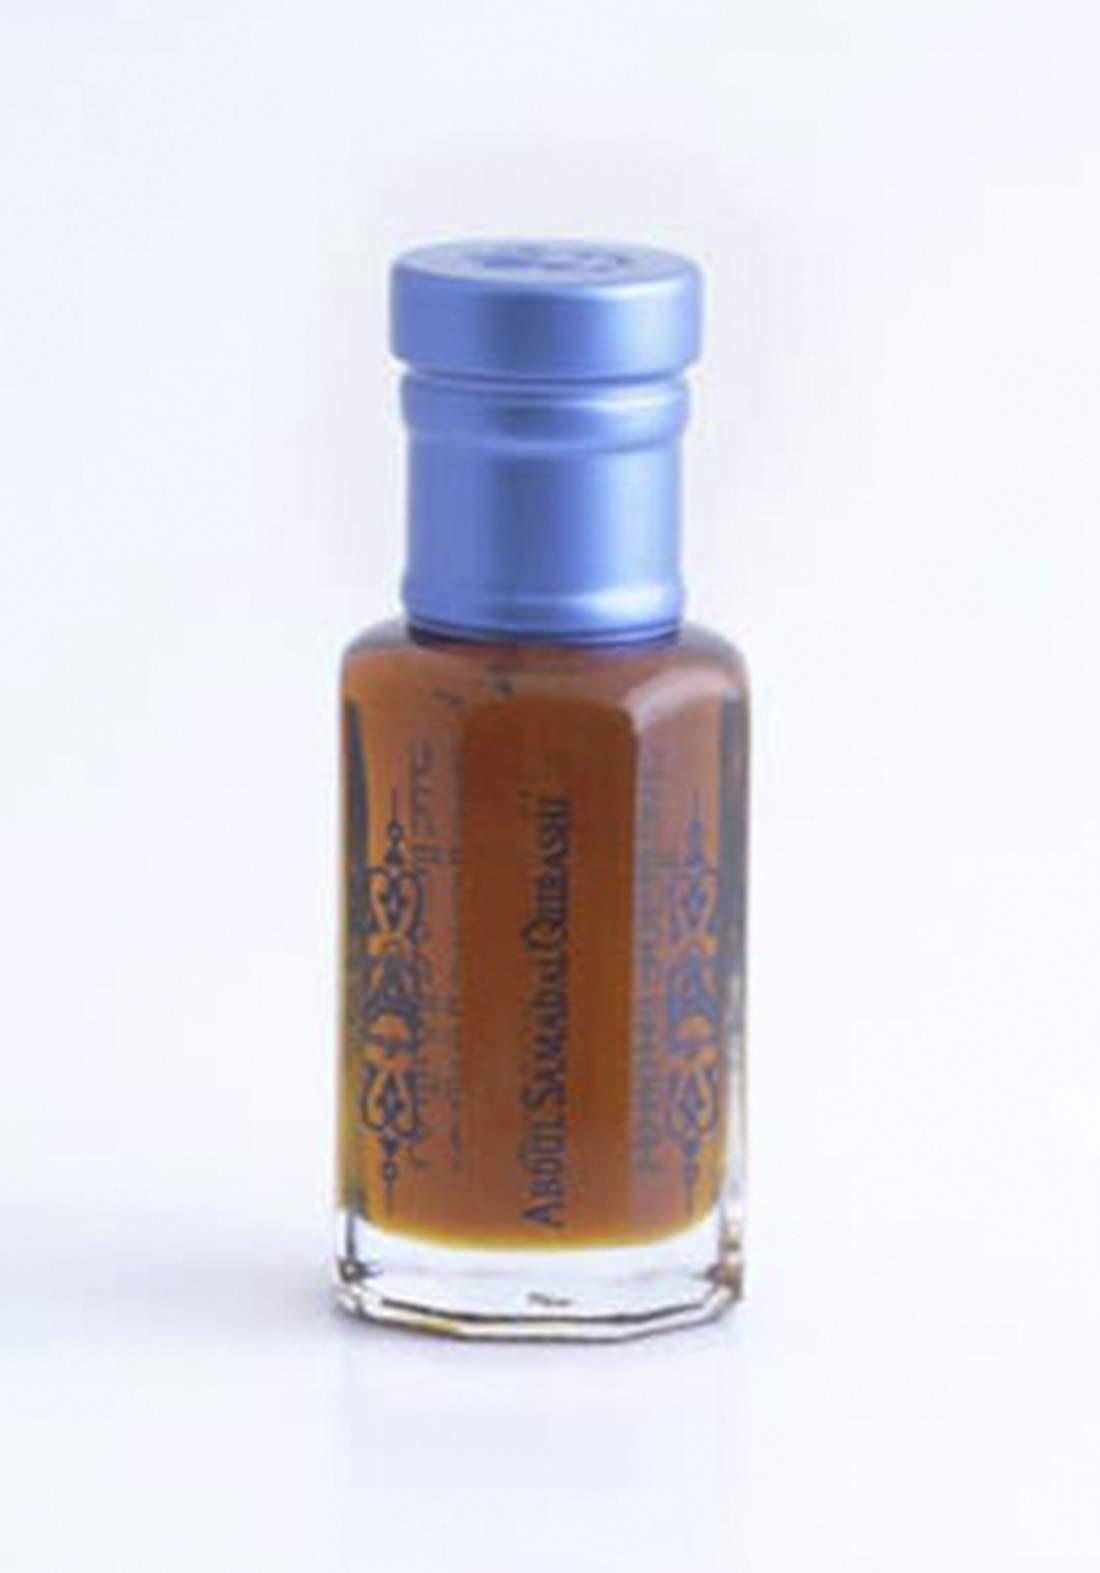 Abdul Samad Al Qurashi-31300  house mix Perfume Oil 12g  عطر زيتي